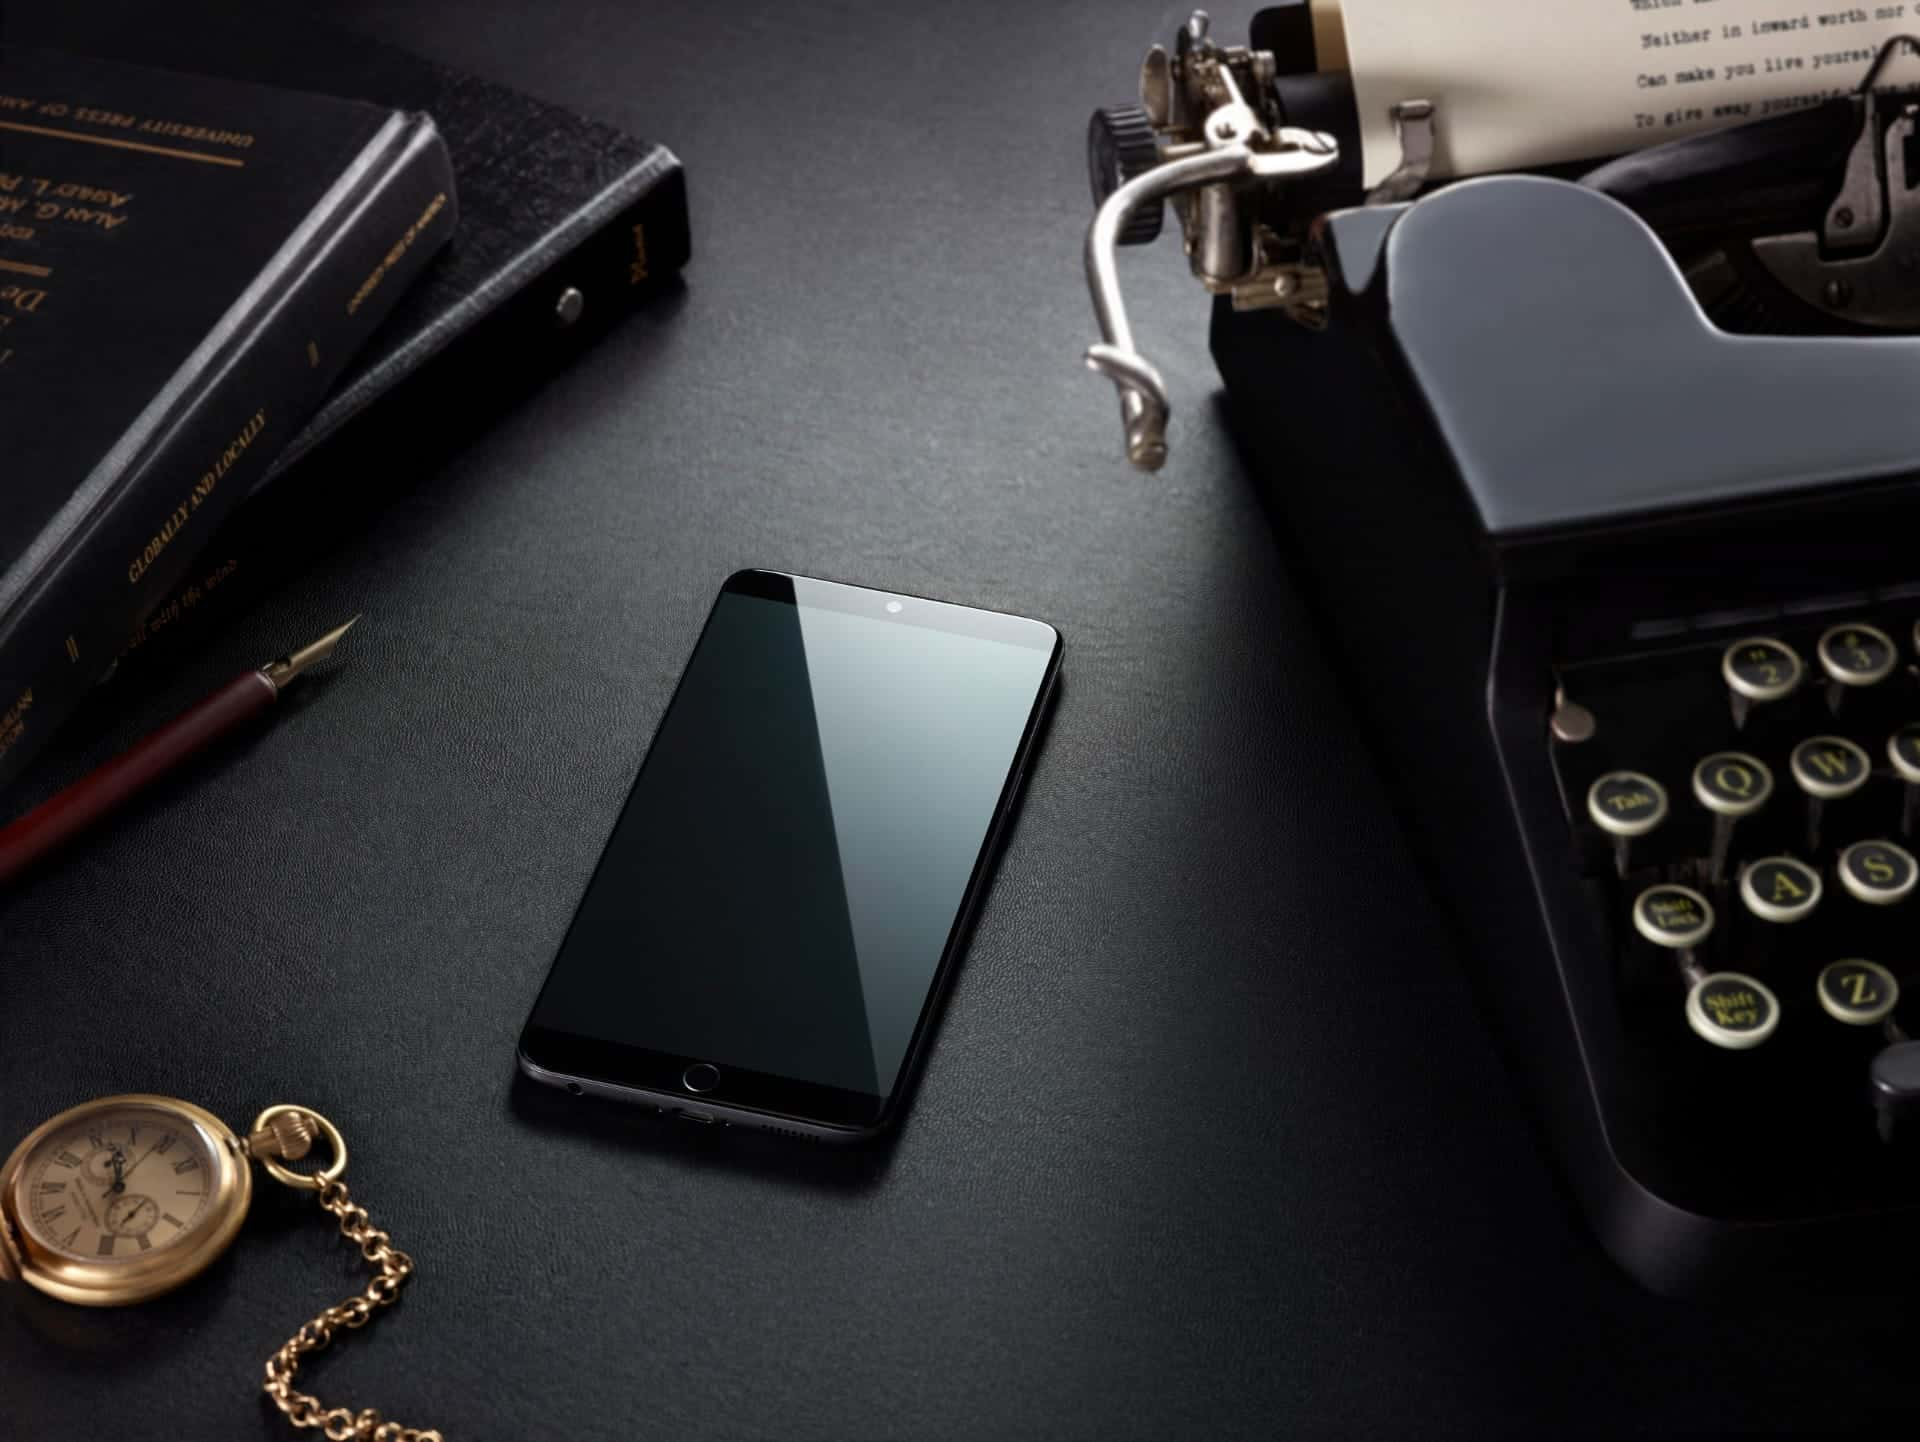 Meizu 15 Plus official image 1